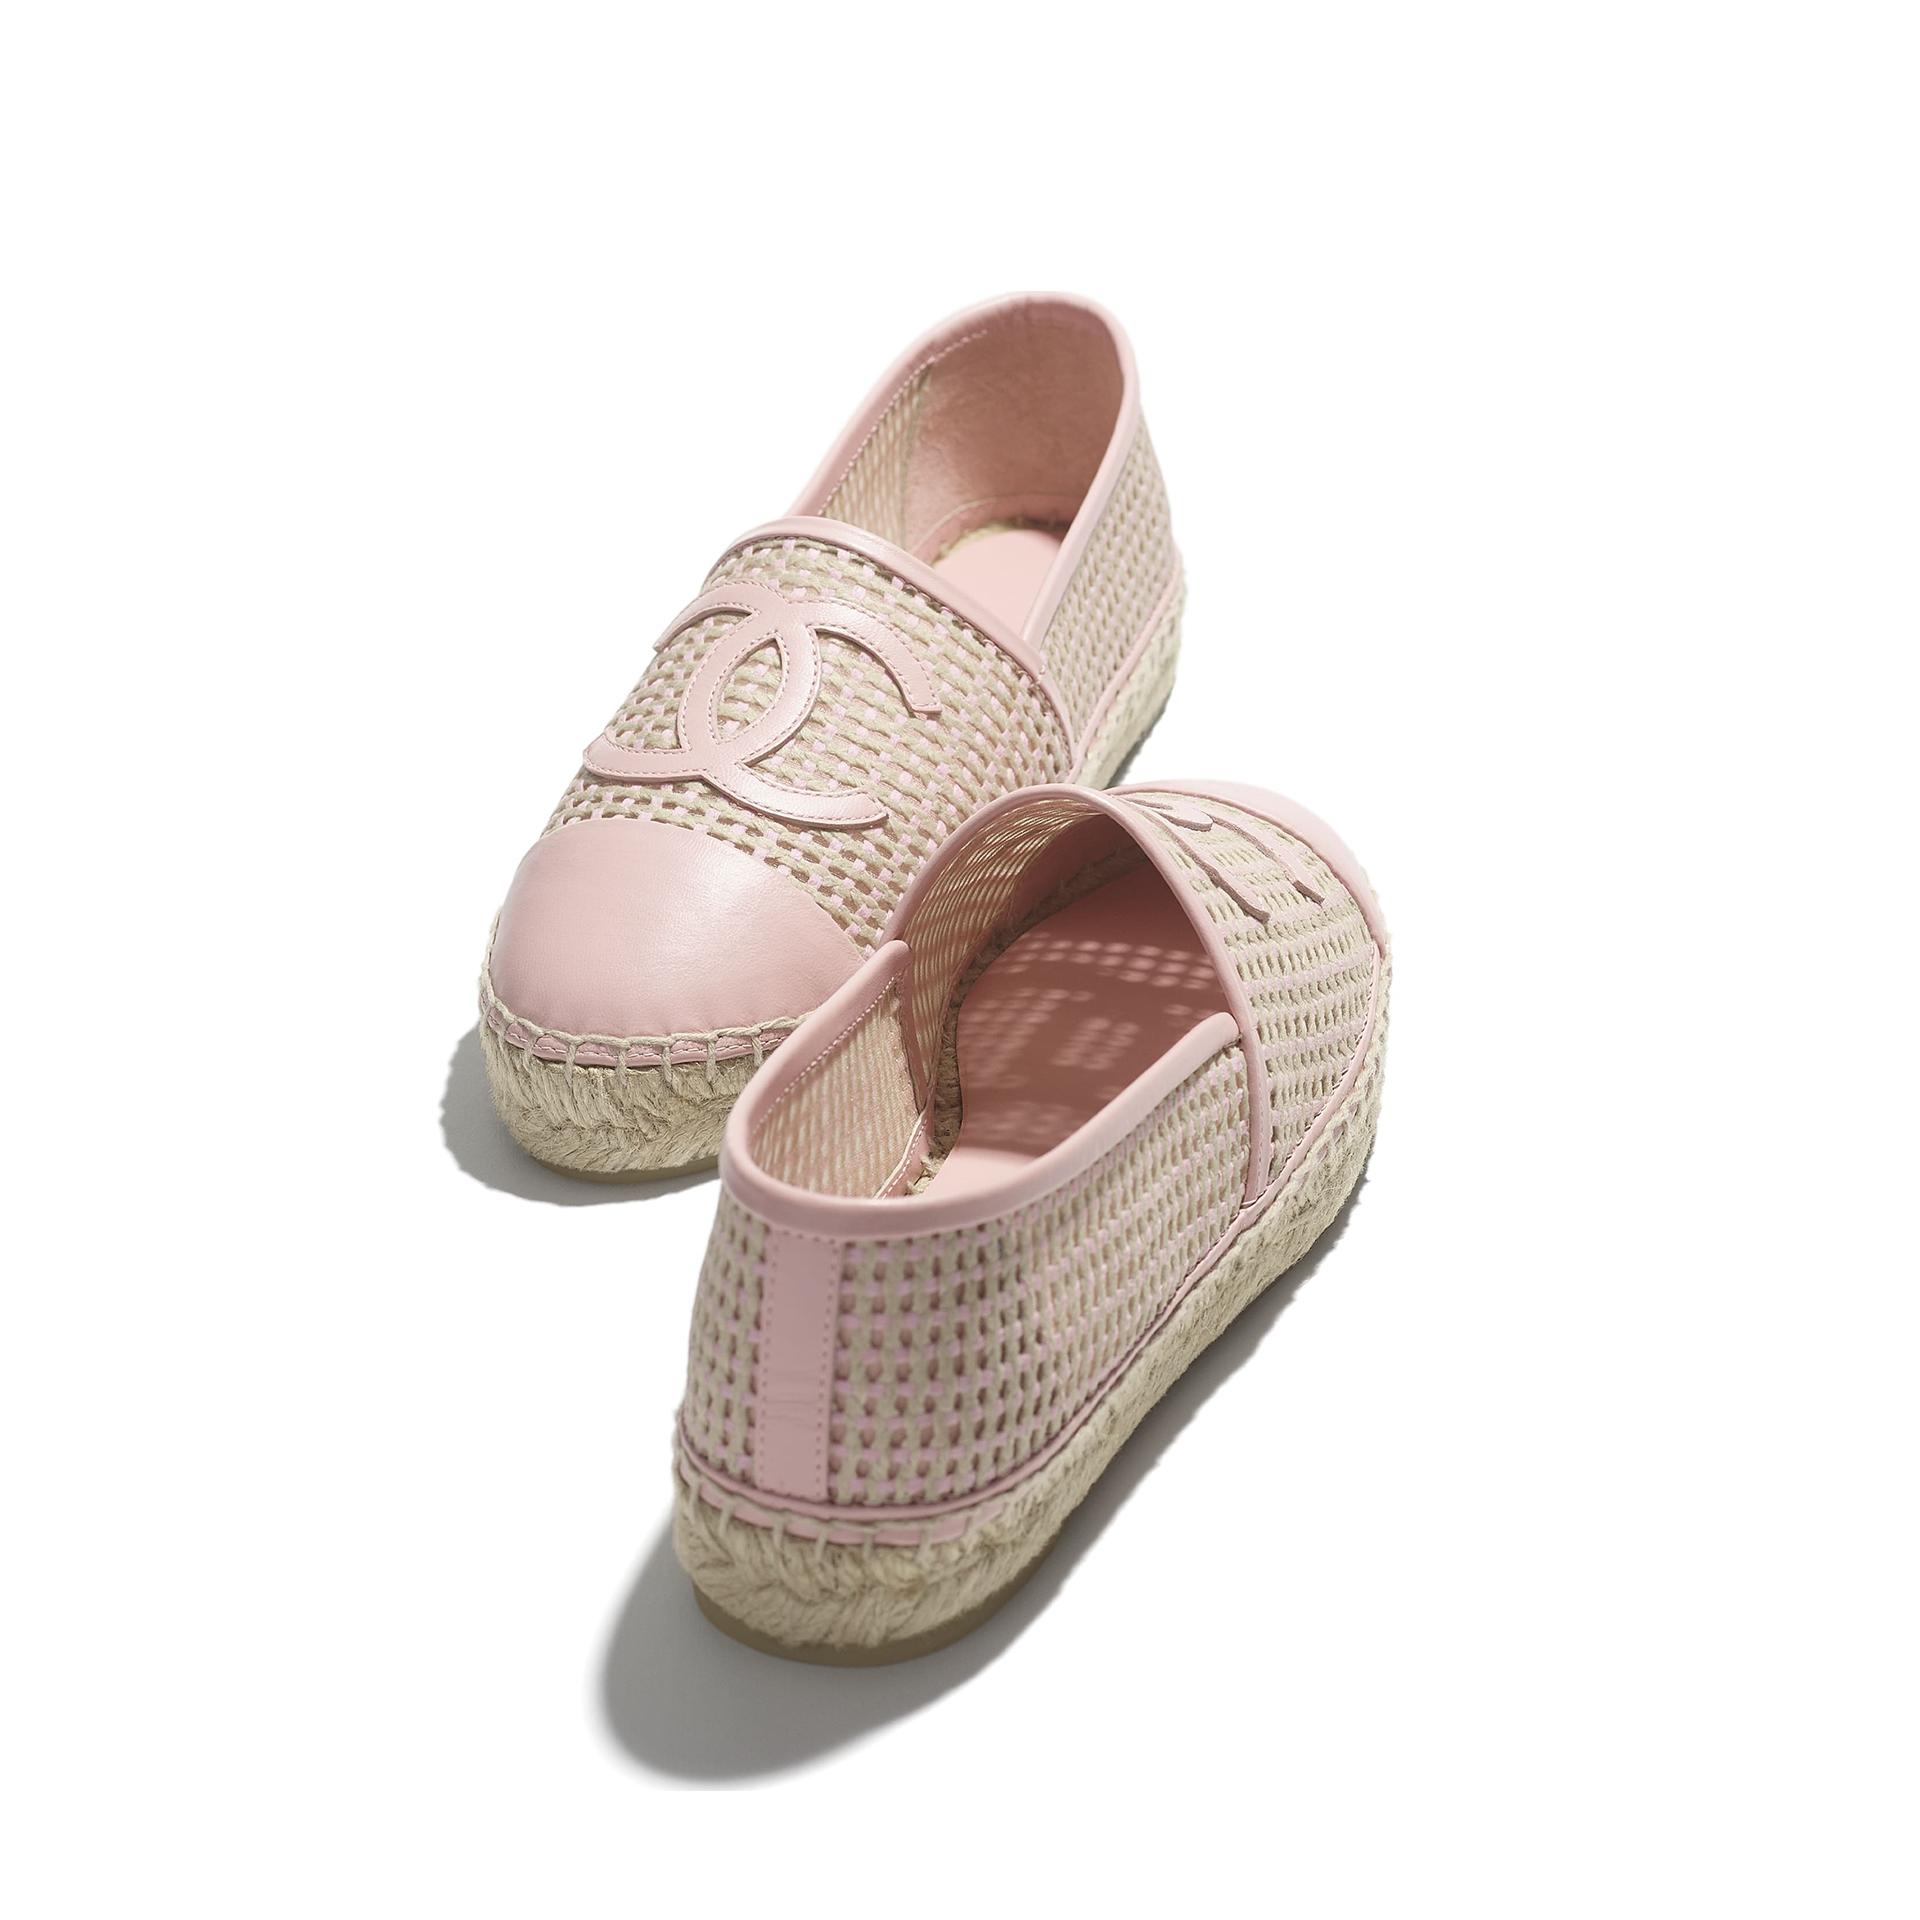 Spring designer shoe trends